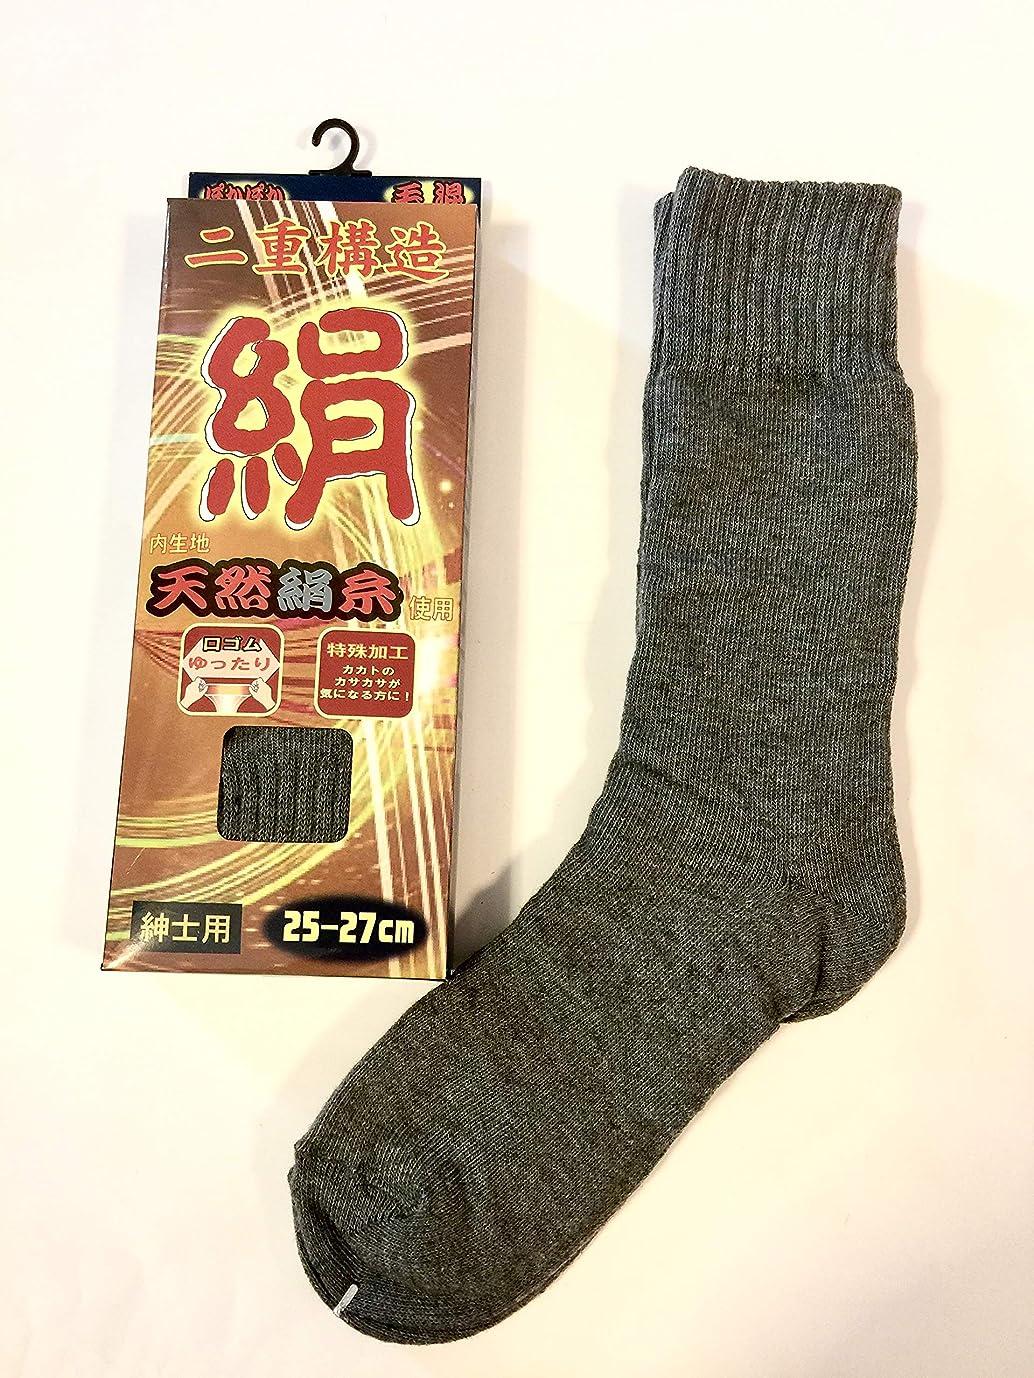 抑止する通り地上の靴下 あったか 紳士用 内側シルク 二重編み ソックス 厚手 25-27cm お買得2足組(グレー)